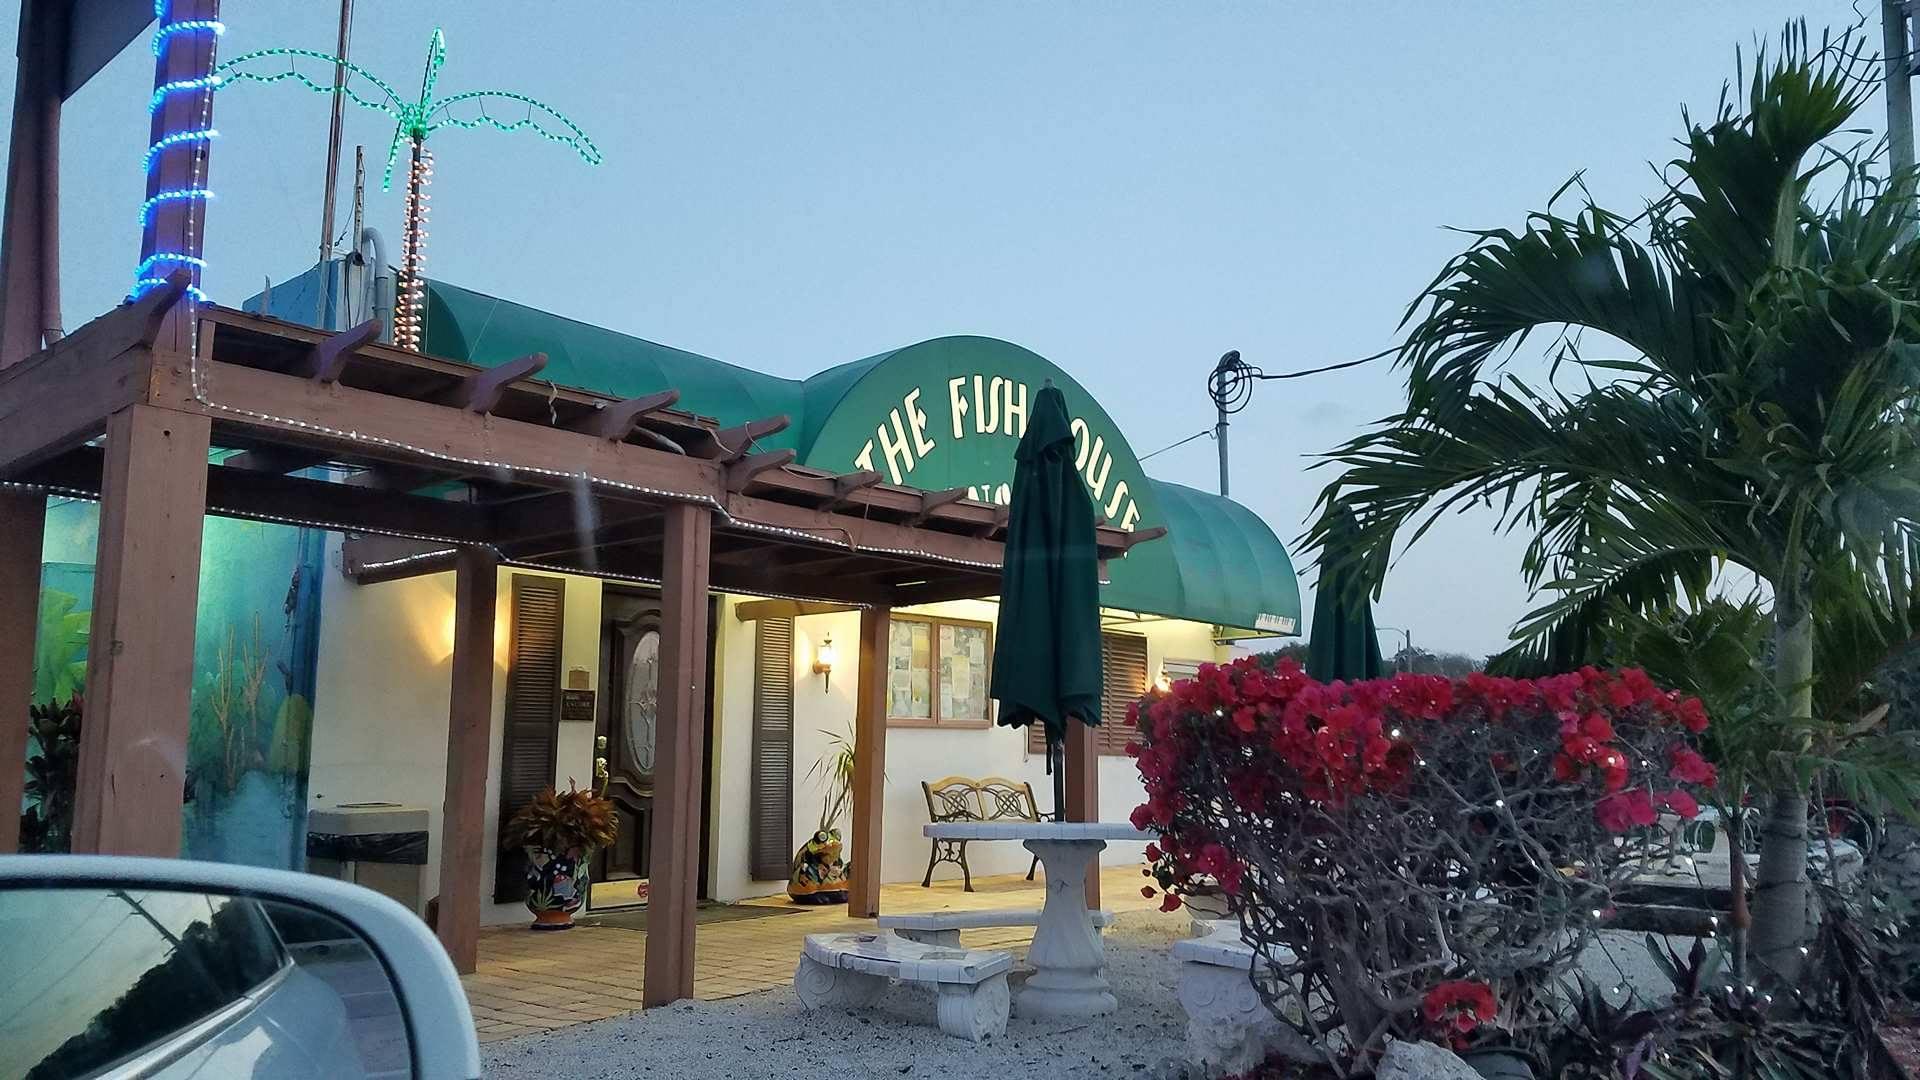 Restaurante para so dos frutos do mar fica em key largo for The fish house key largo fl